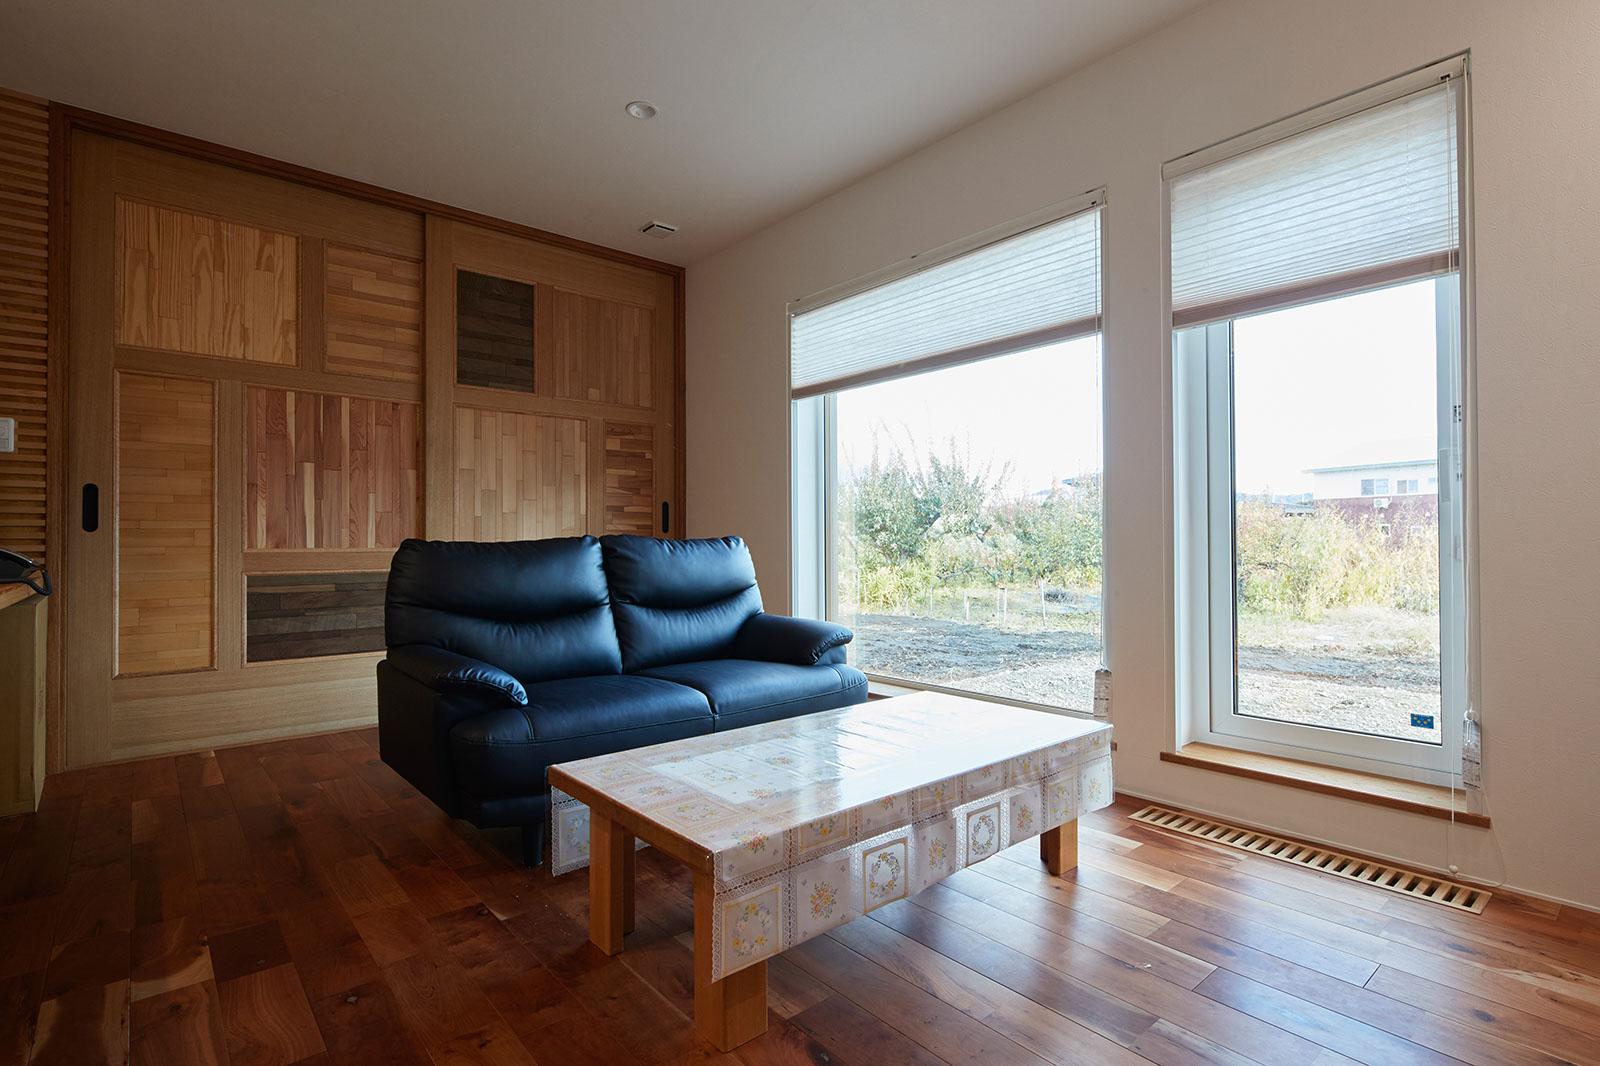 1階のコンパクトなリビング。5種類の県産材を使った建具の裏が寝室になっている